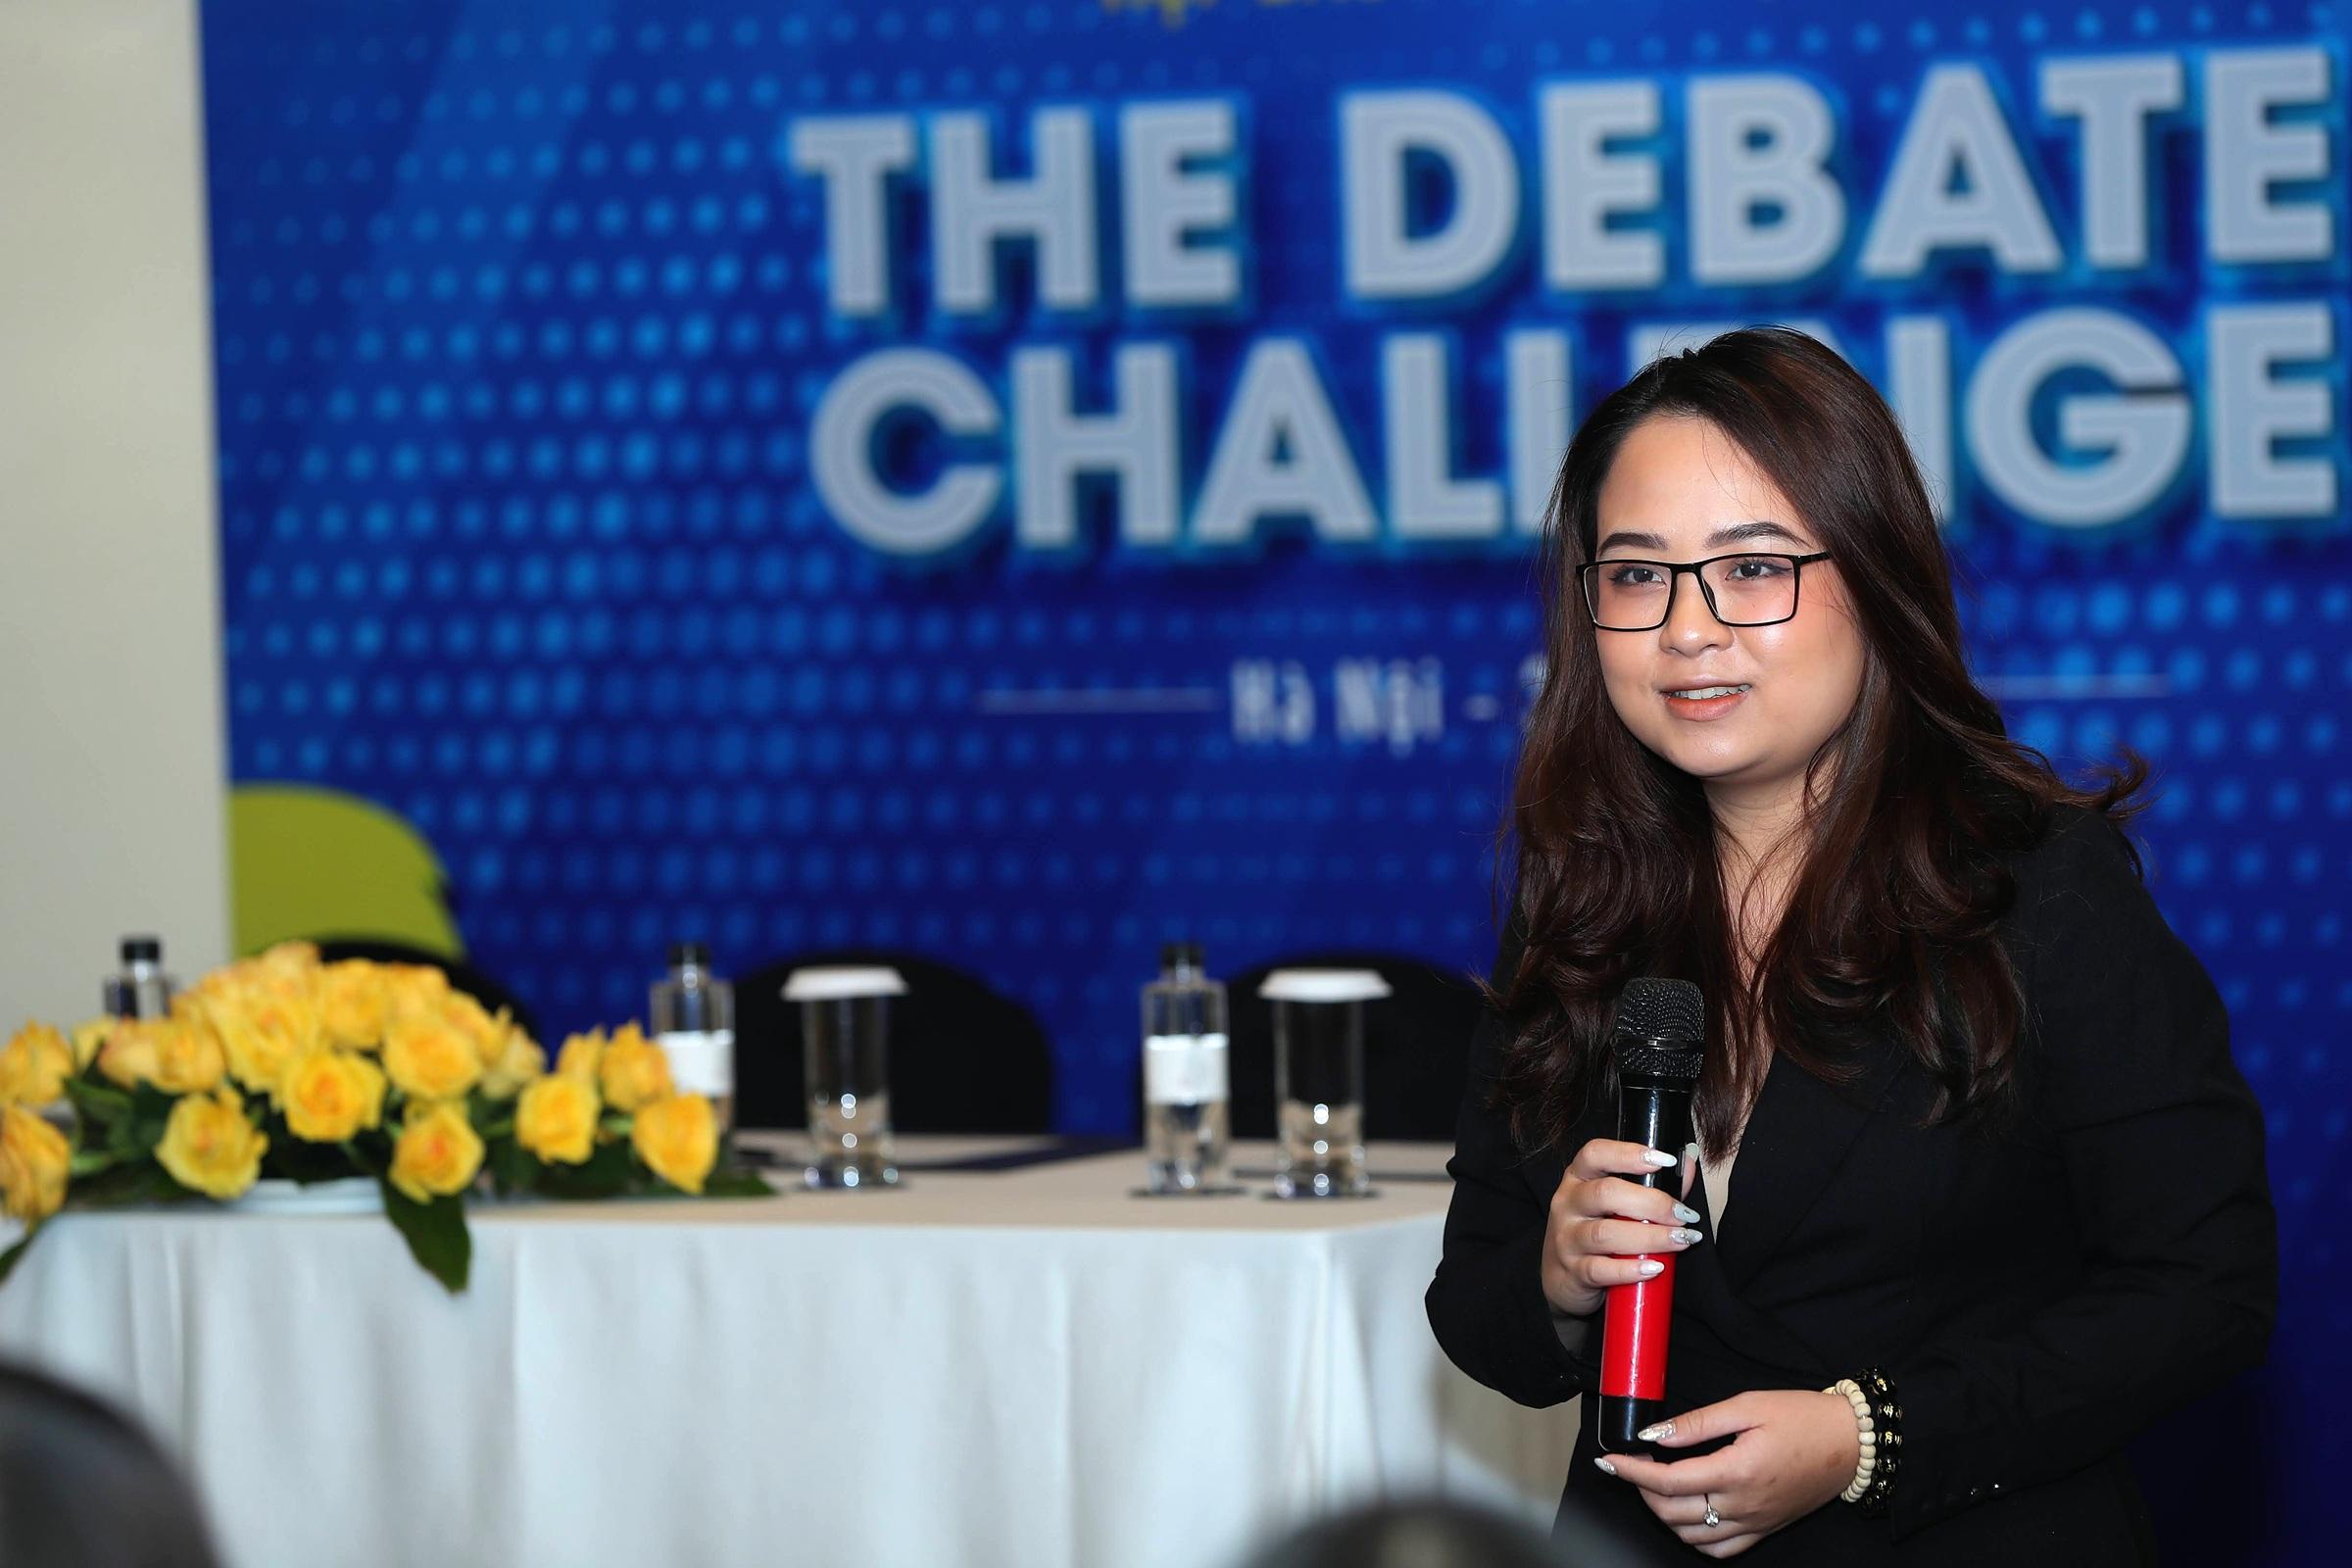 Nguyễn Ngọc Tú Uyên - Diễn giả xếp hạng 18 trong Giải vô địch tranh luận châu Á 2017